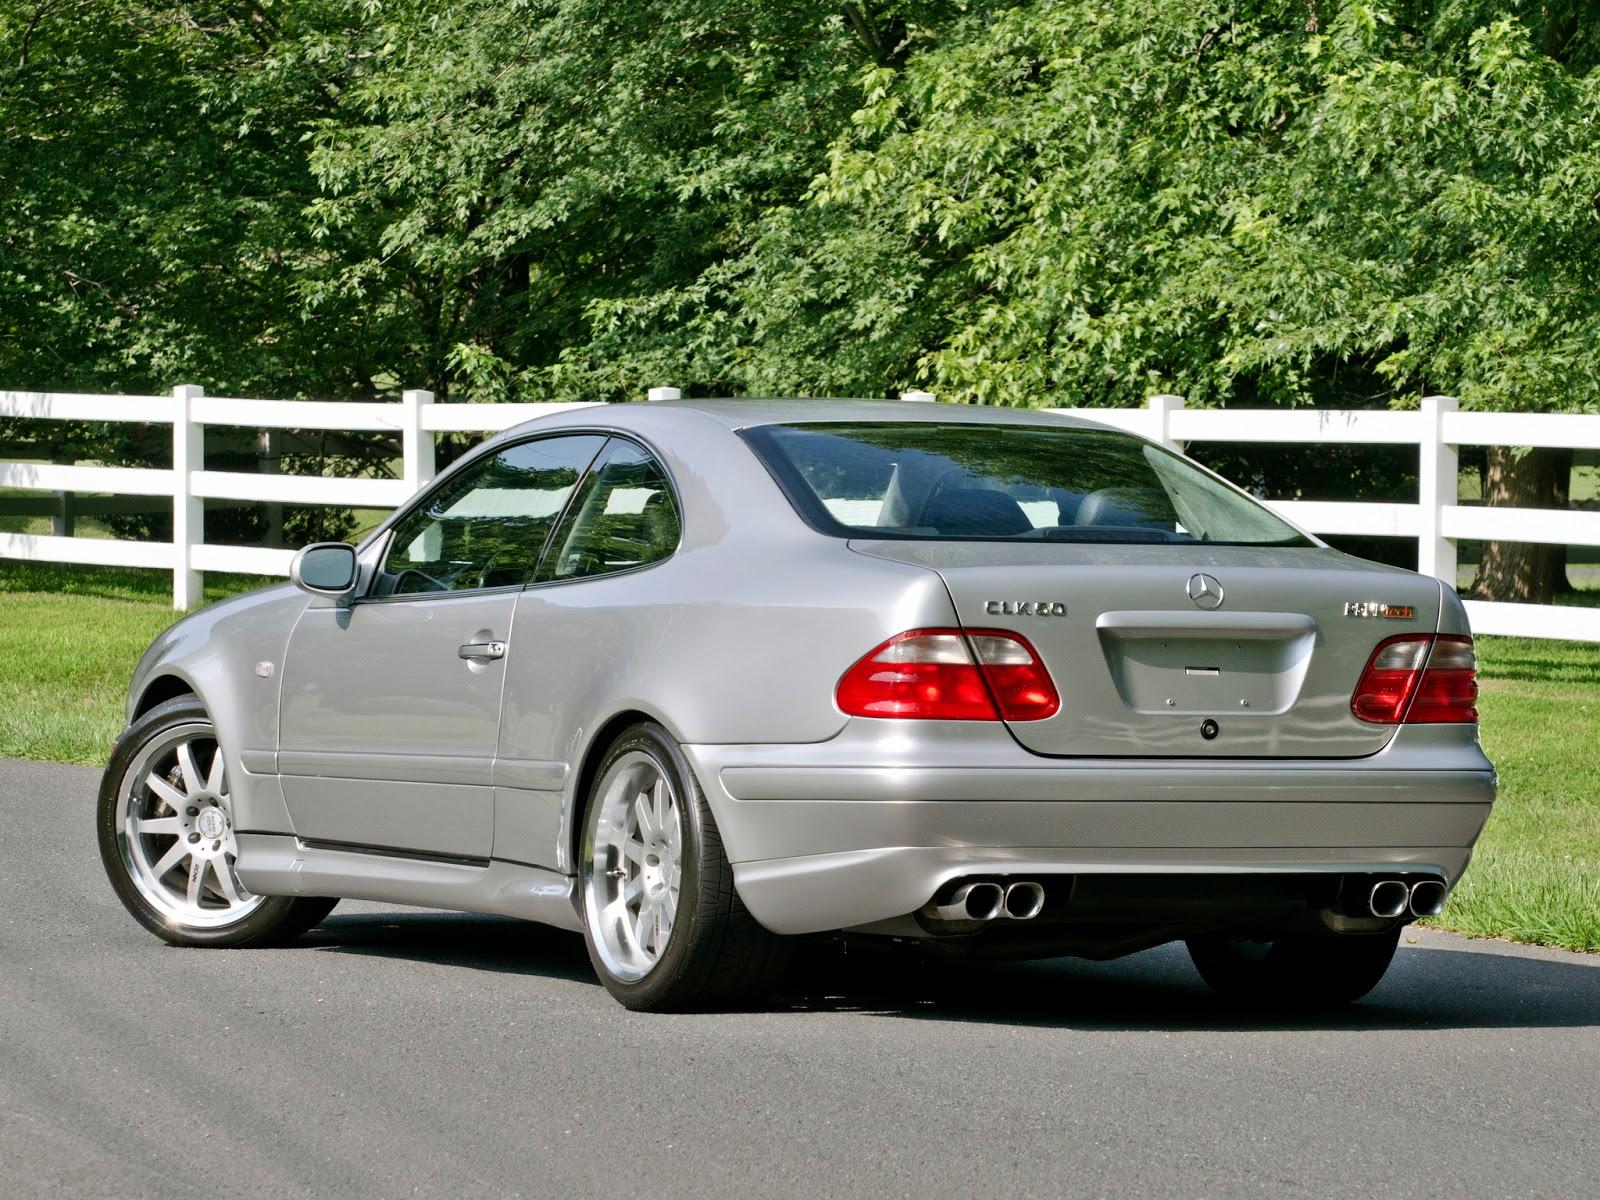 2002 mercedes benz w208 clk60 renntech benztuning for Mercedes benz renntech